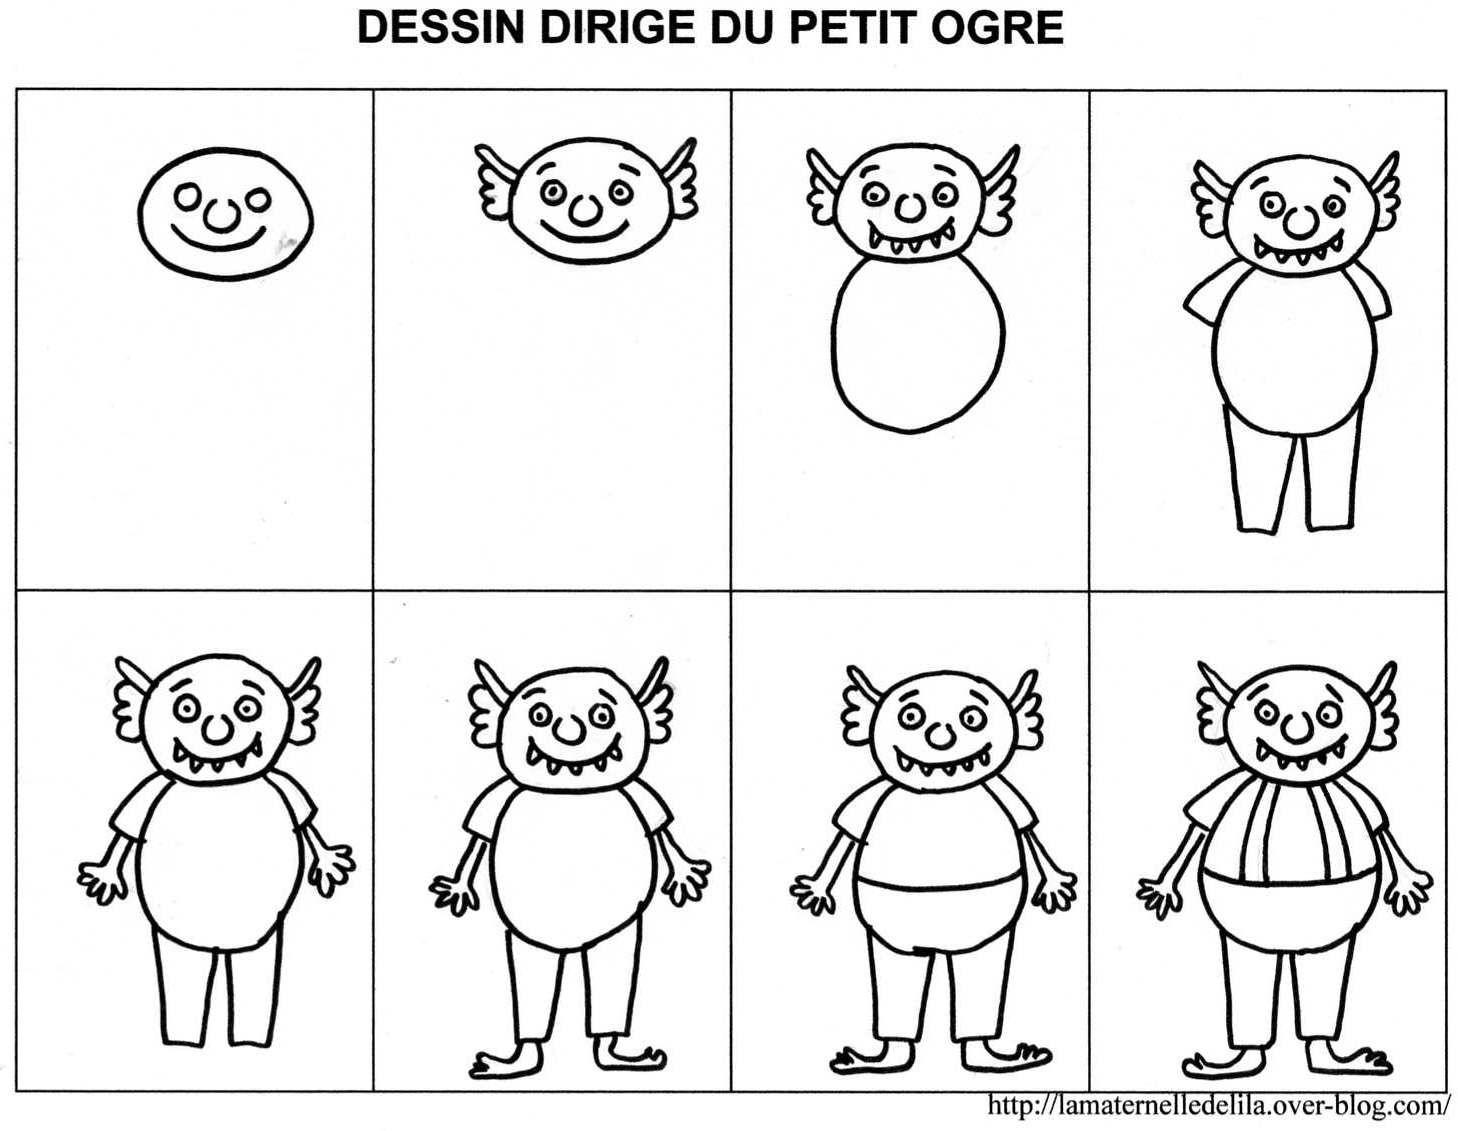 Bien-aimé dessin dirige petit ogre | Comment dessiner | Pinterest | Ogre  GJ44